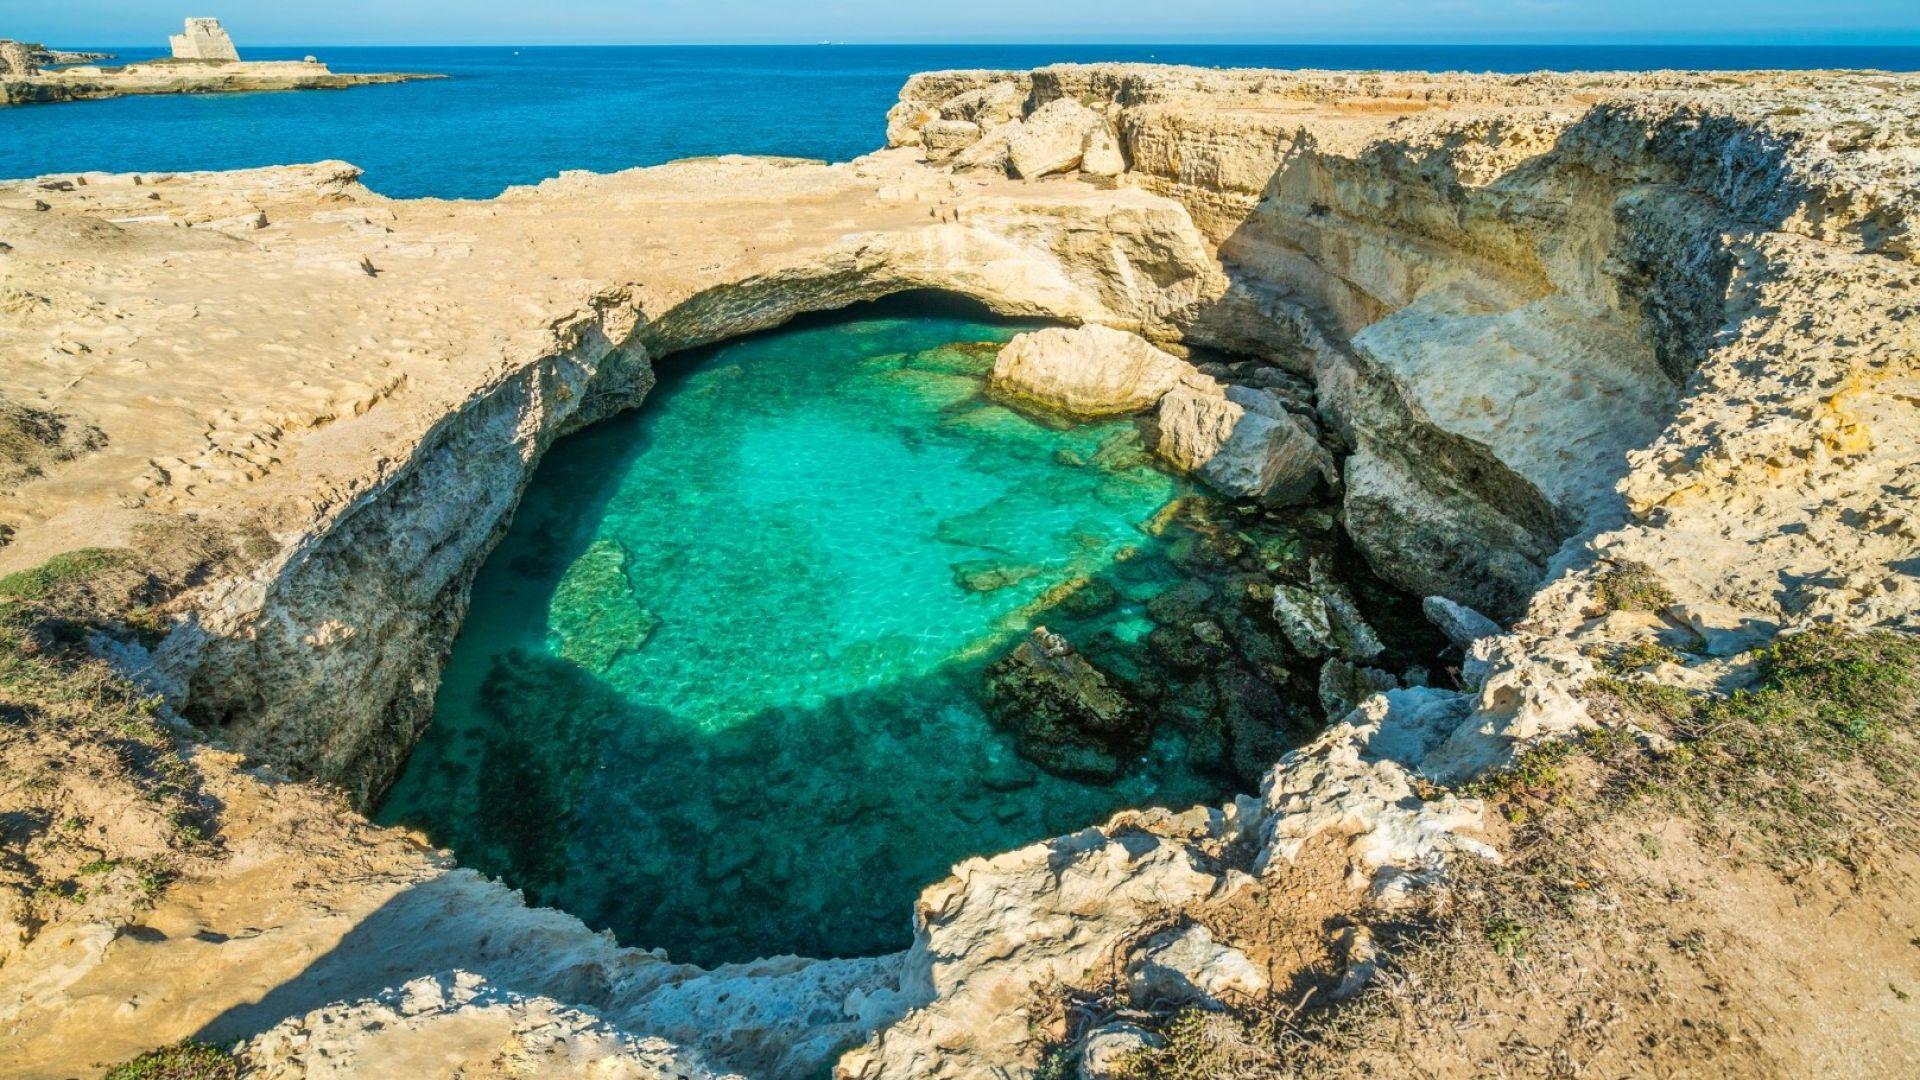 Пещерата на поезията: най-красивият естествен басейн в Италия